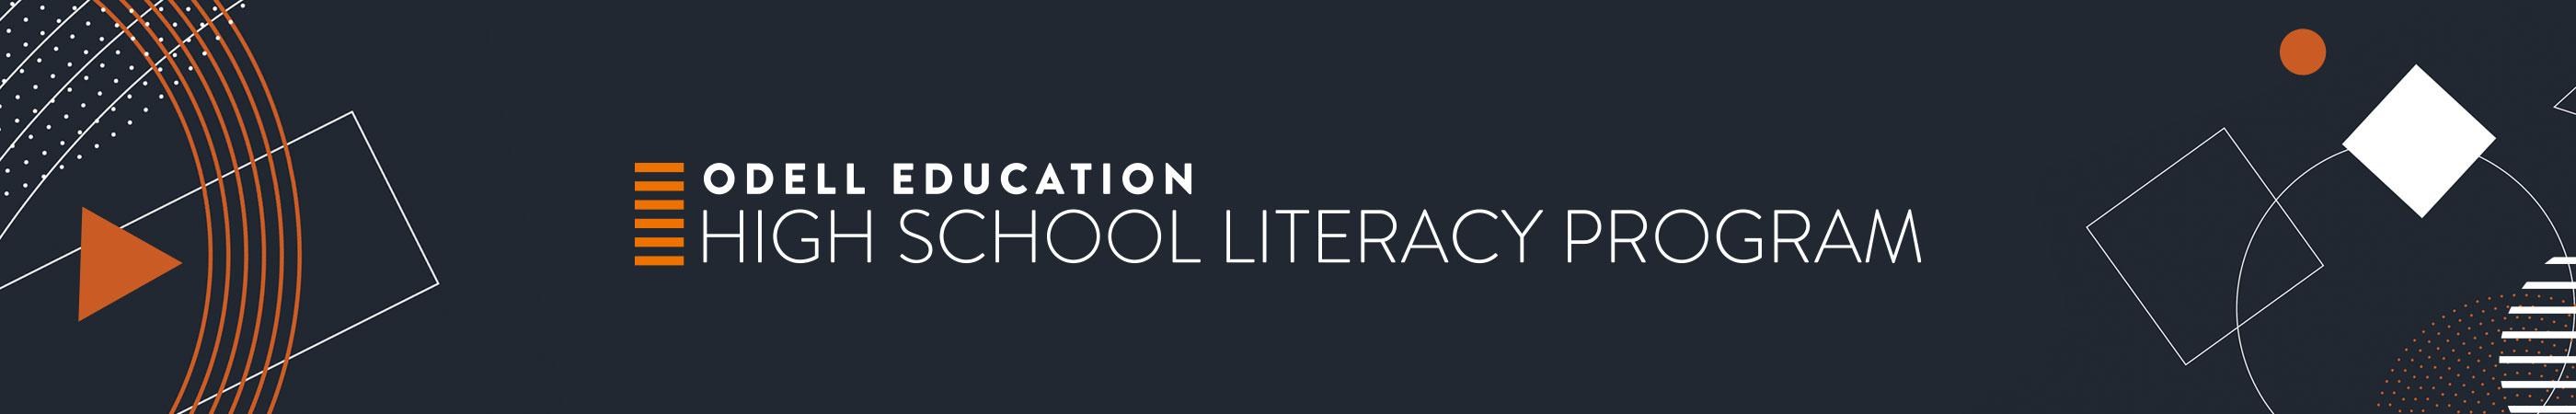 Odell Education High School Learning Program banner